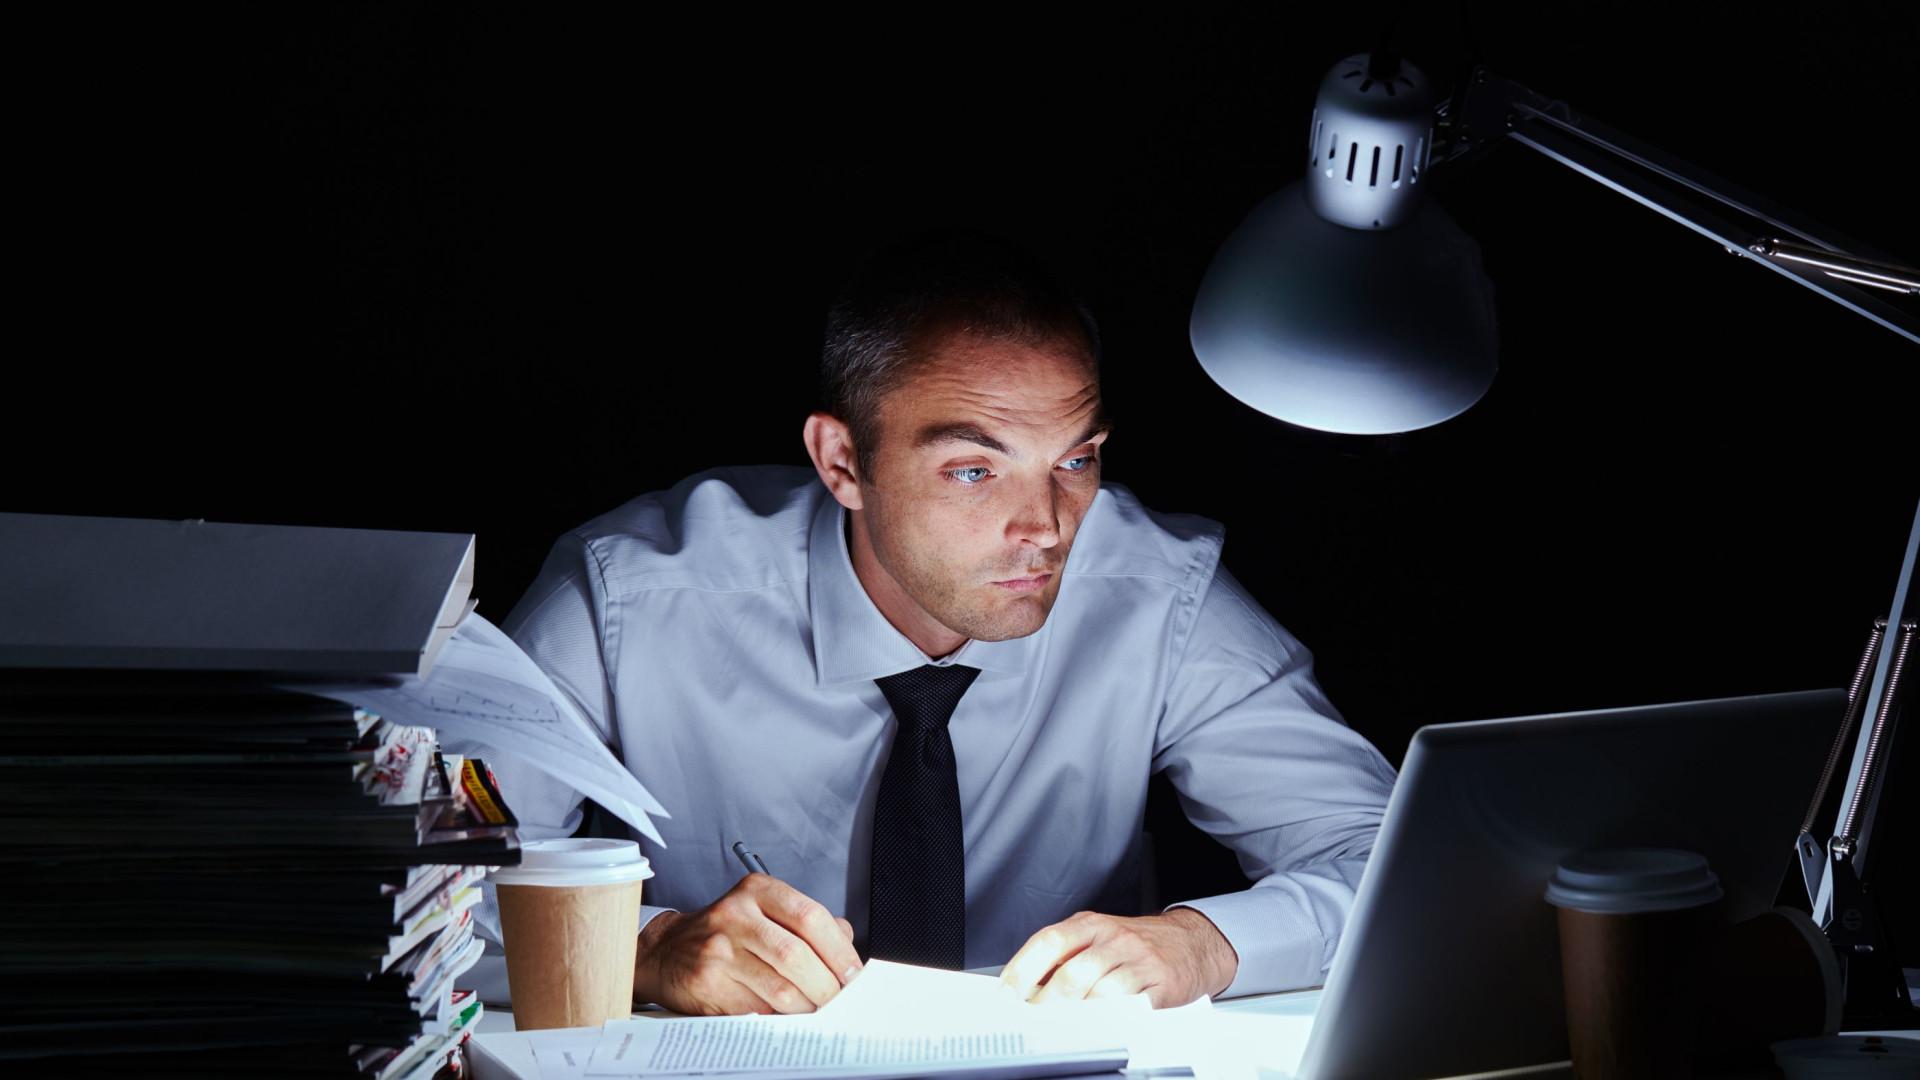 É viciado em trabalho? Saiba identificar os sinais